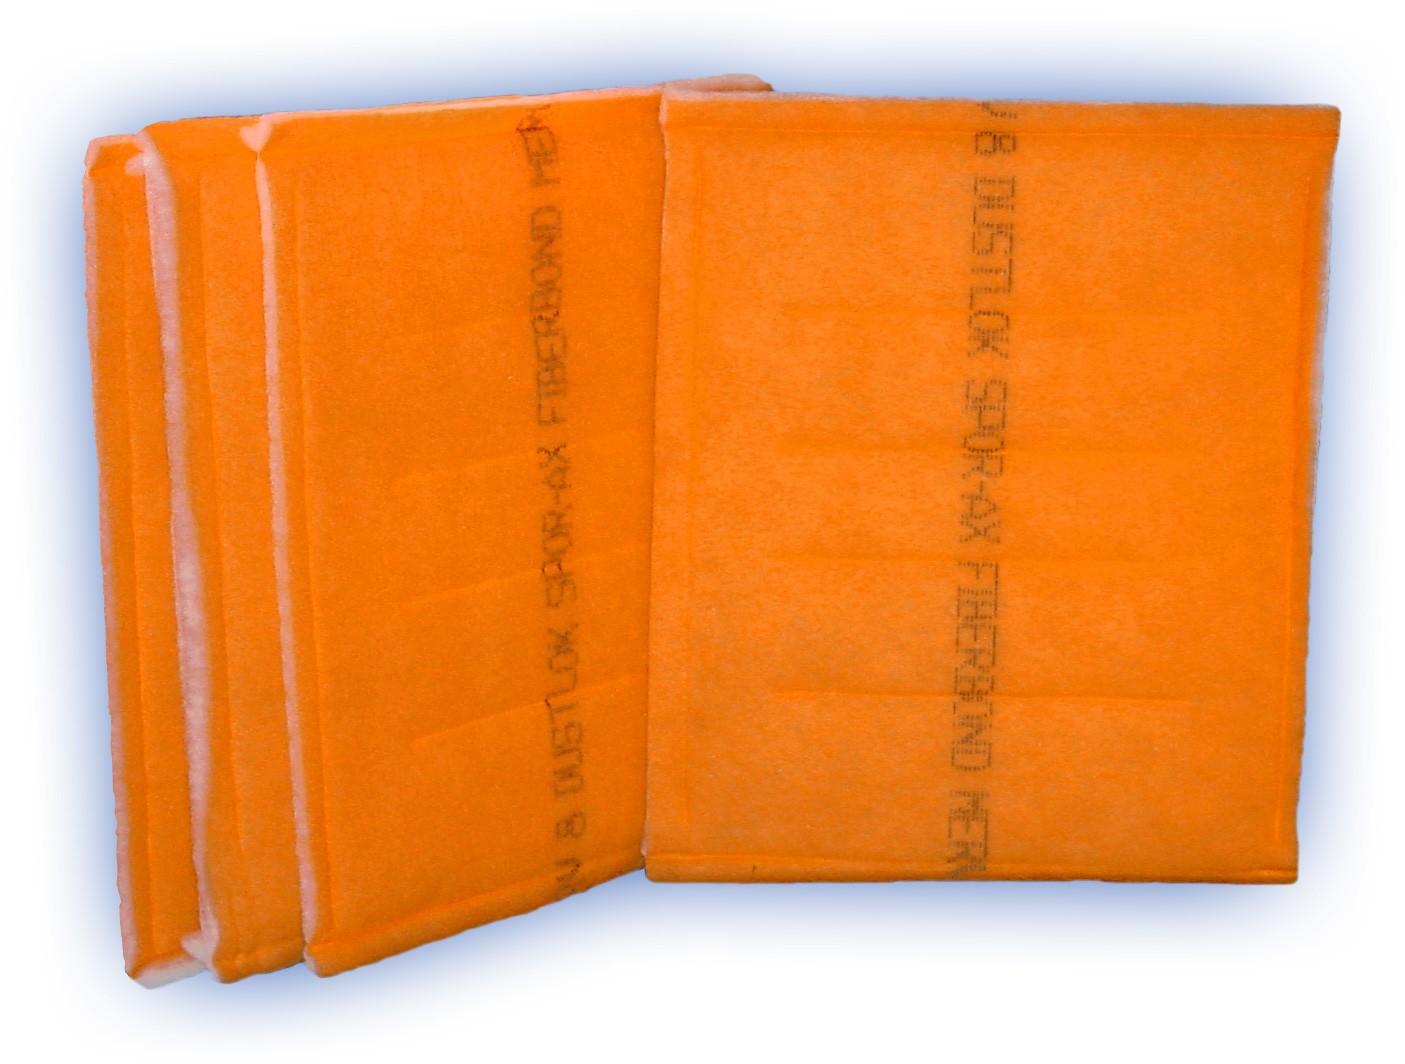 12 x 24 - DustLok 3-ply Panel Filter - MERV 9 (Case of 24)